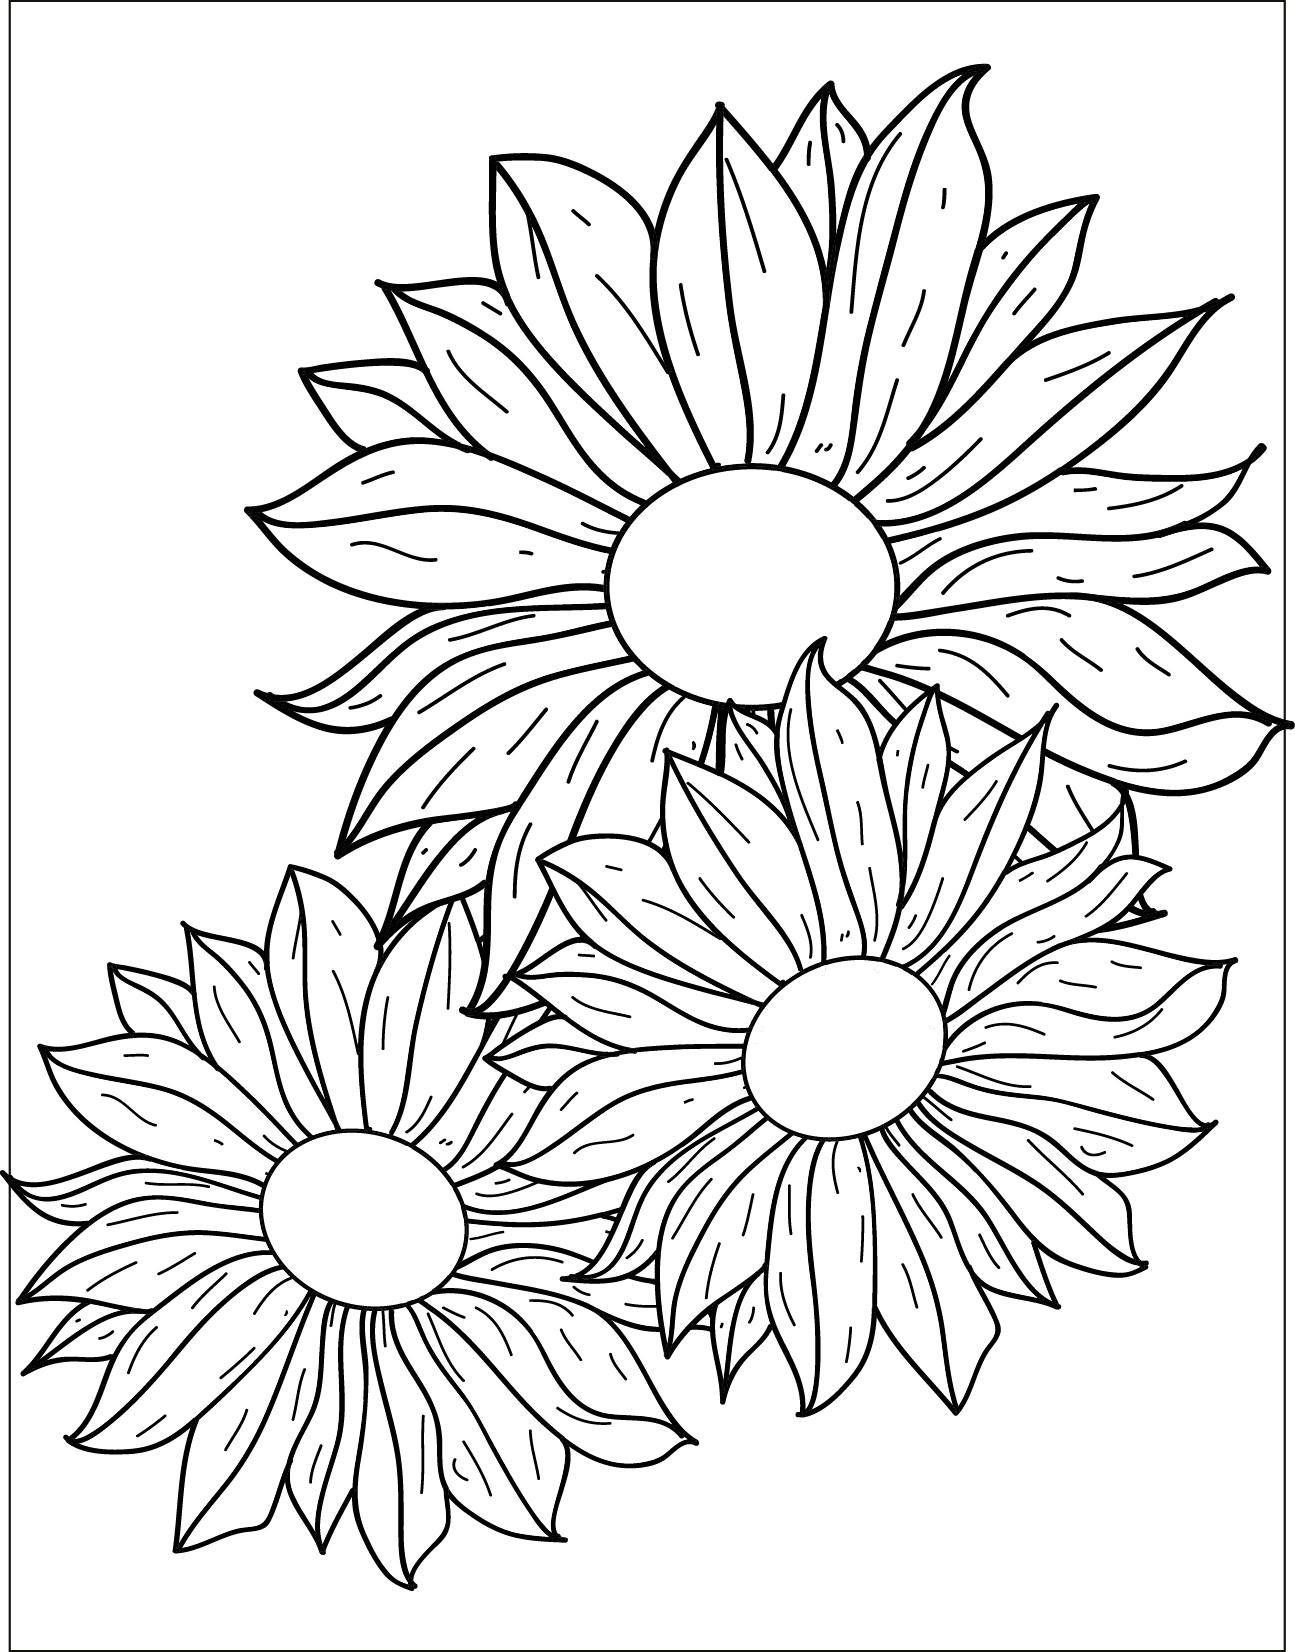 Coloriage gratuit fleurs marguerites - Coloriage de fleur ...